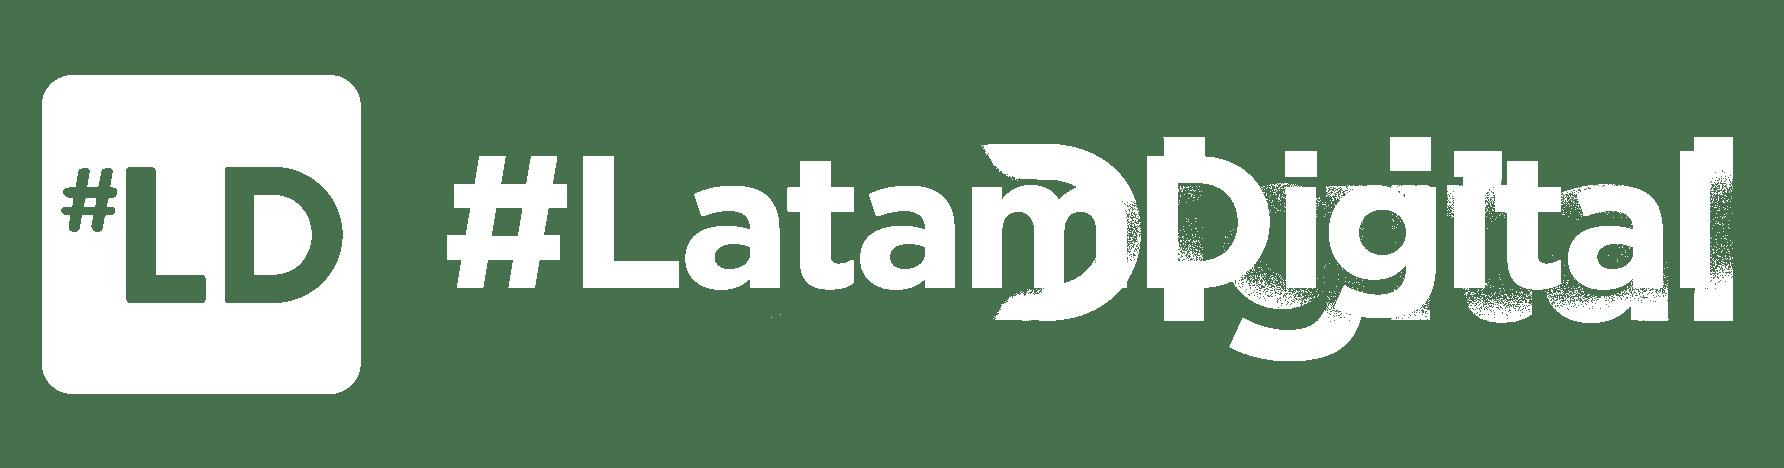 #LatamDigital versión 2021 Un Reconocimiento al Crecimiento Digital en Latinoamérica Si tienes un proyecto que encaje en la categoría de Marketing Digital